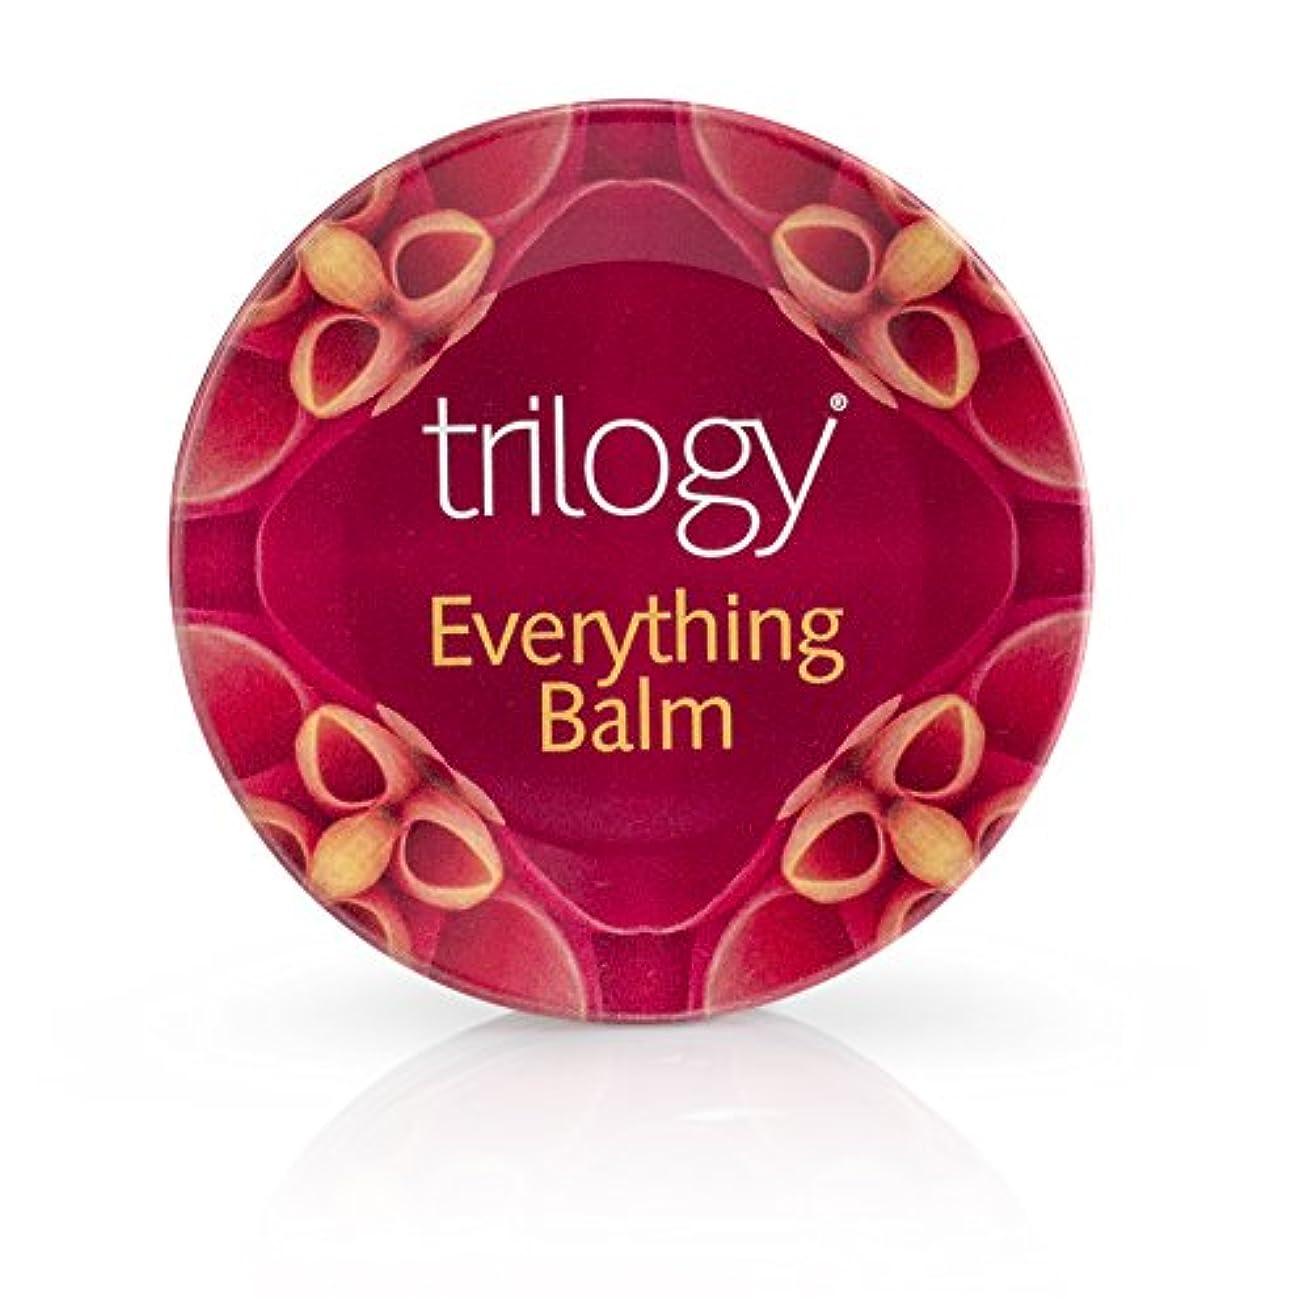 おとなしい緊張するスポークスマントリロジー(trilogy) エブリシング バーム 〈全身用バーム〉 (95mL)